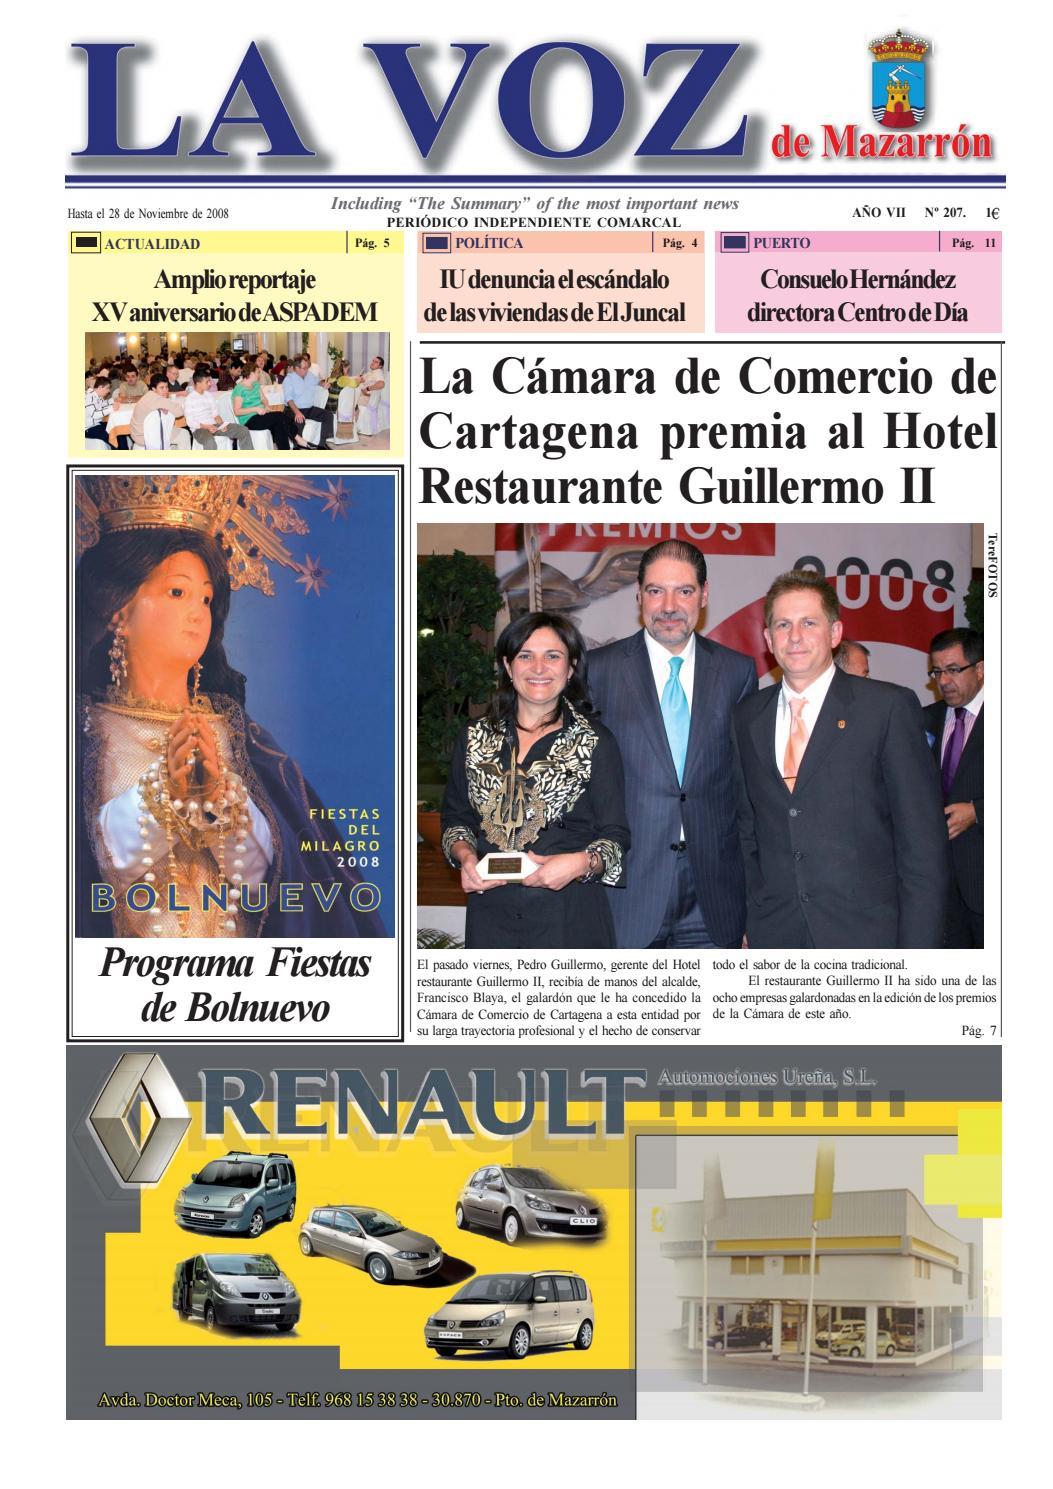 Voz207 by La Voz de Mazarrón (Periódico) - issuu